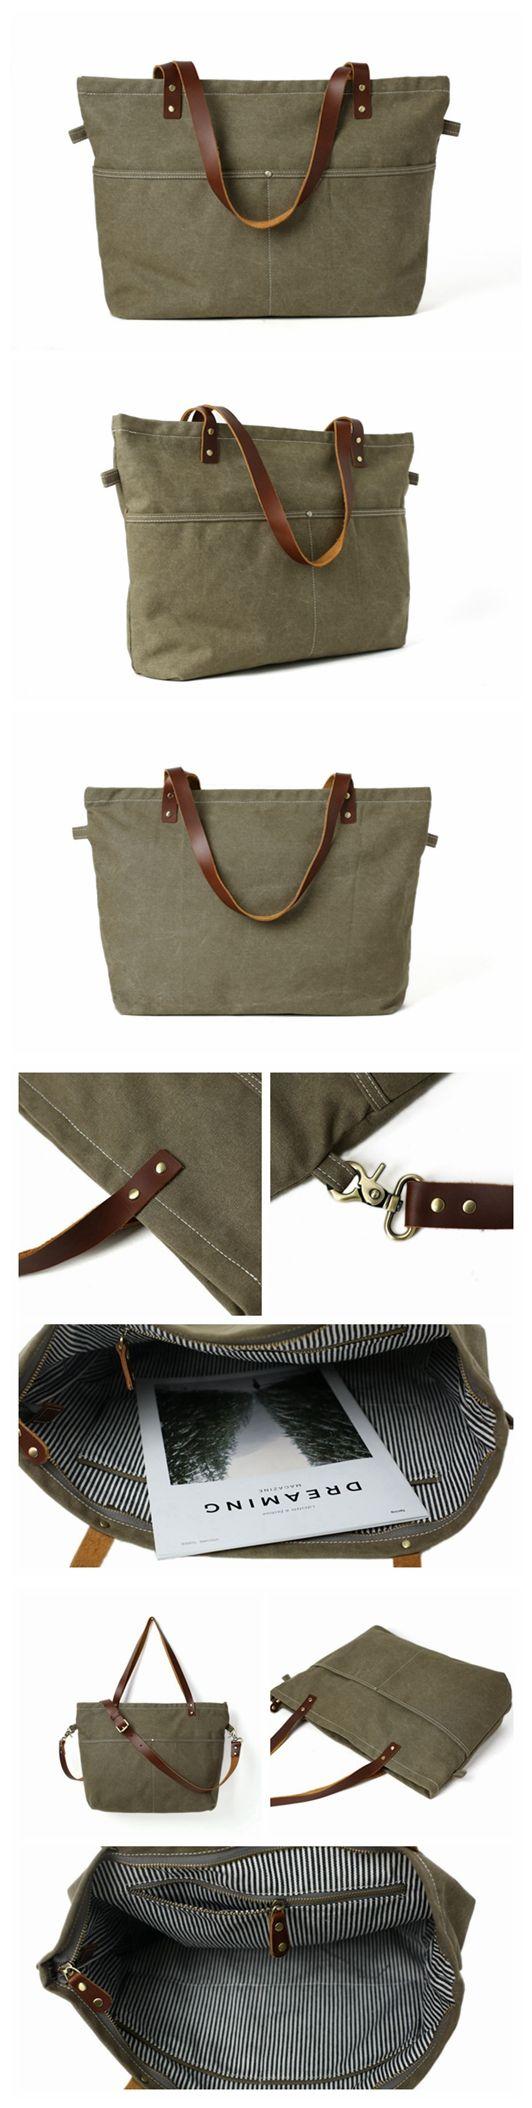 e8b738bf32 Handmade Canvas Tote Bag Messenger Bag Shopper Bag Shoulder Bag Handbag  14022